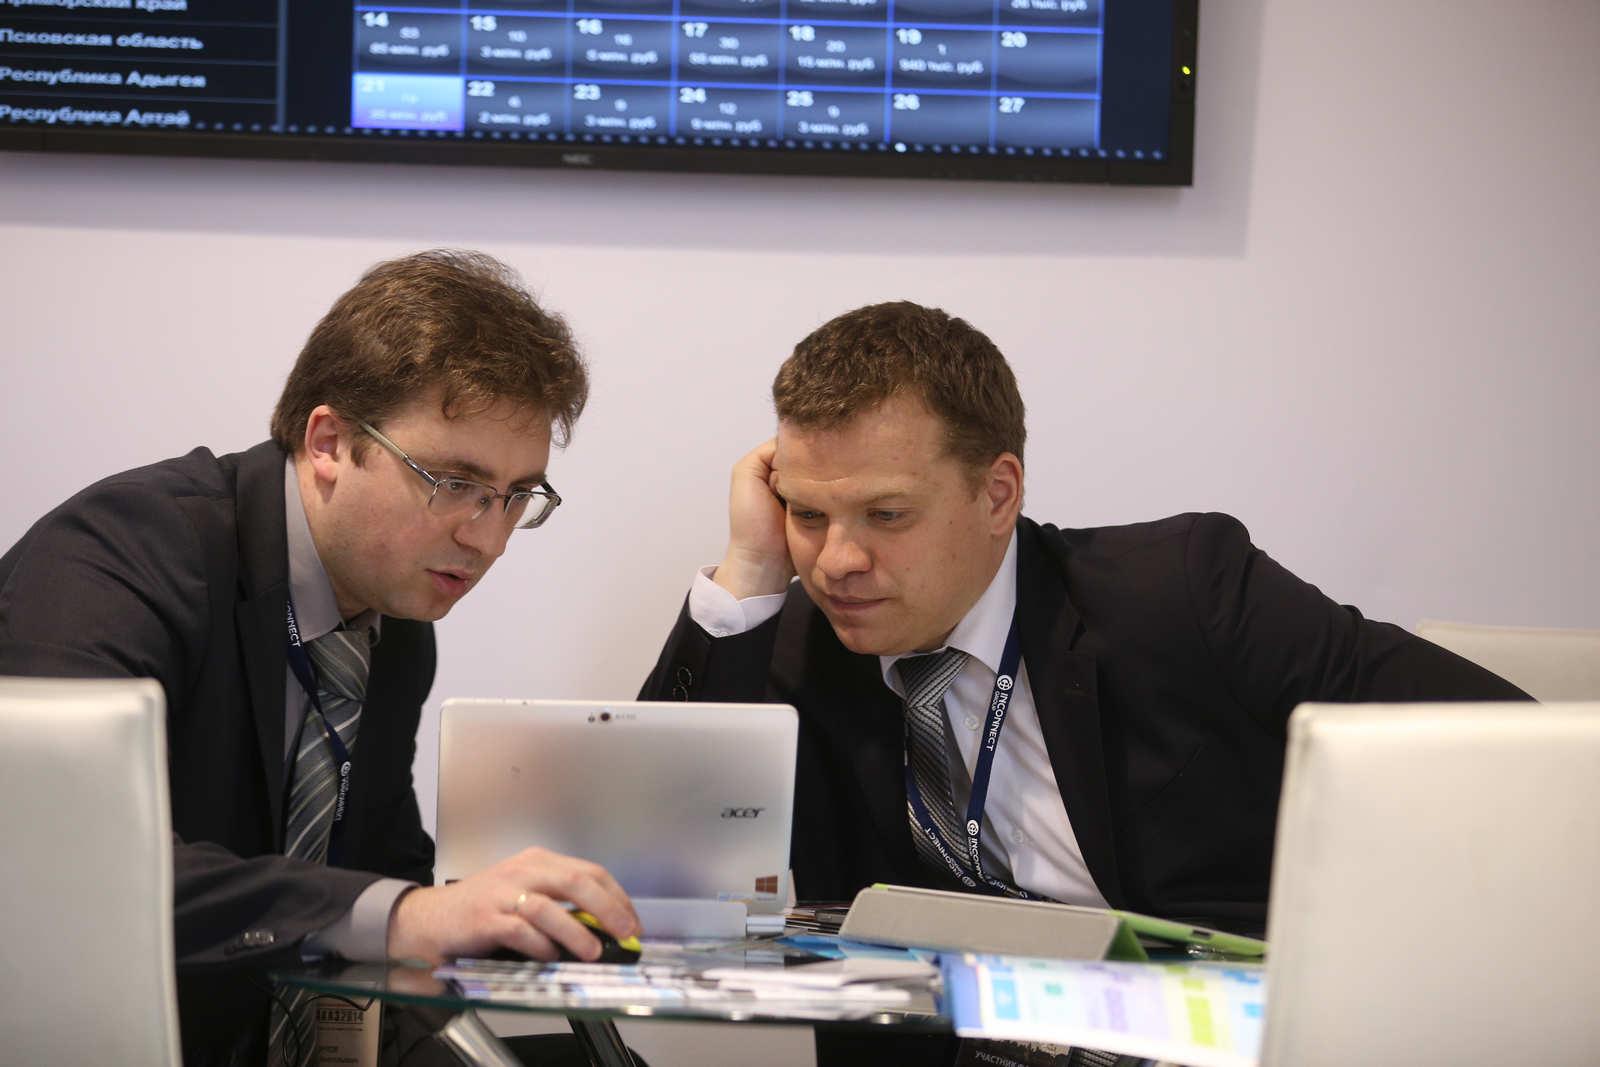 Бесплатный курс межличностного общения запустят в Москве 7 апреля